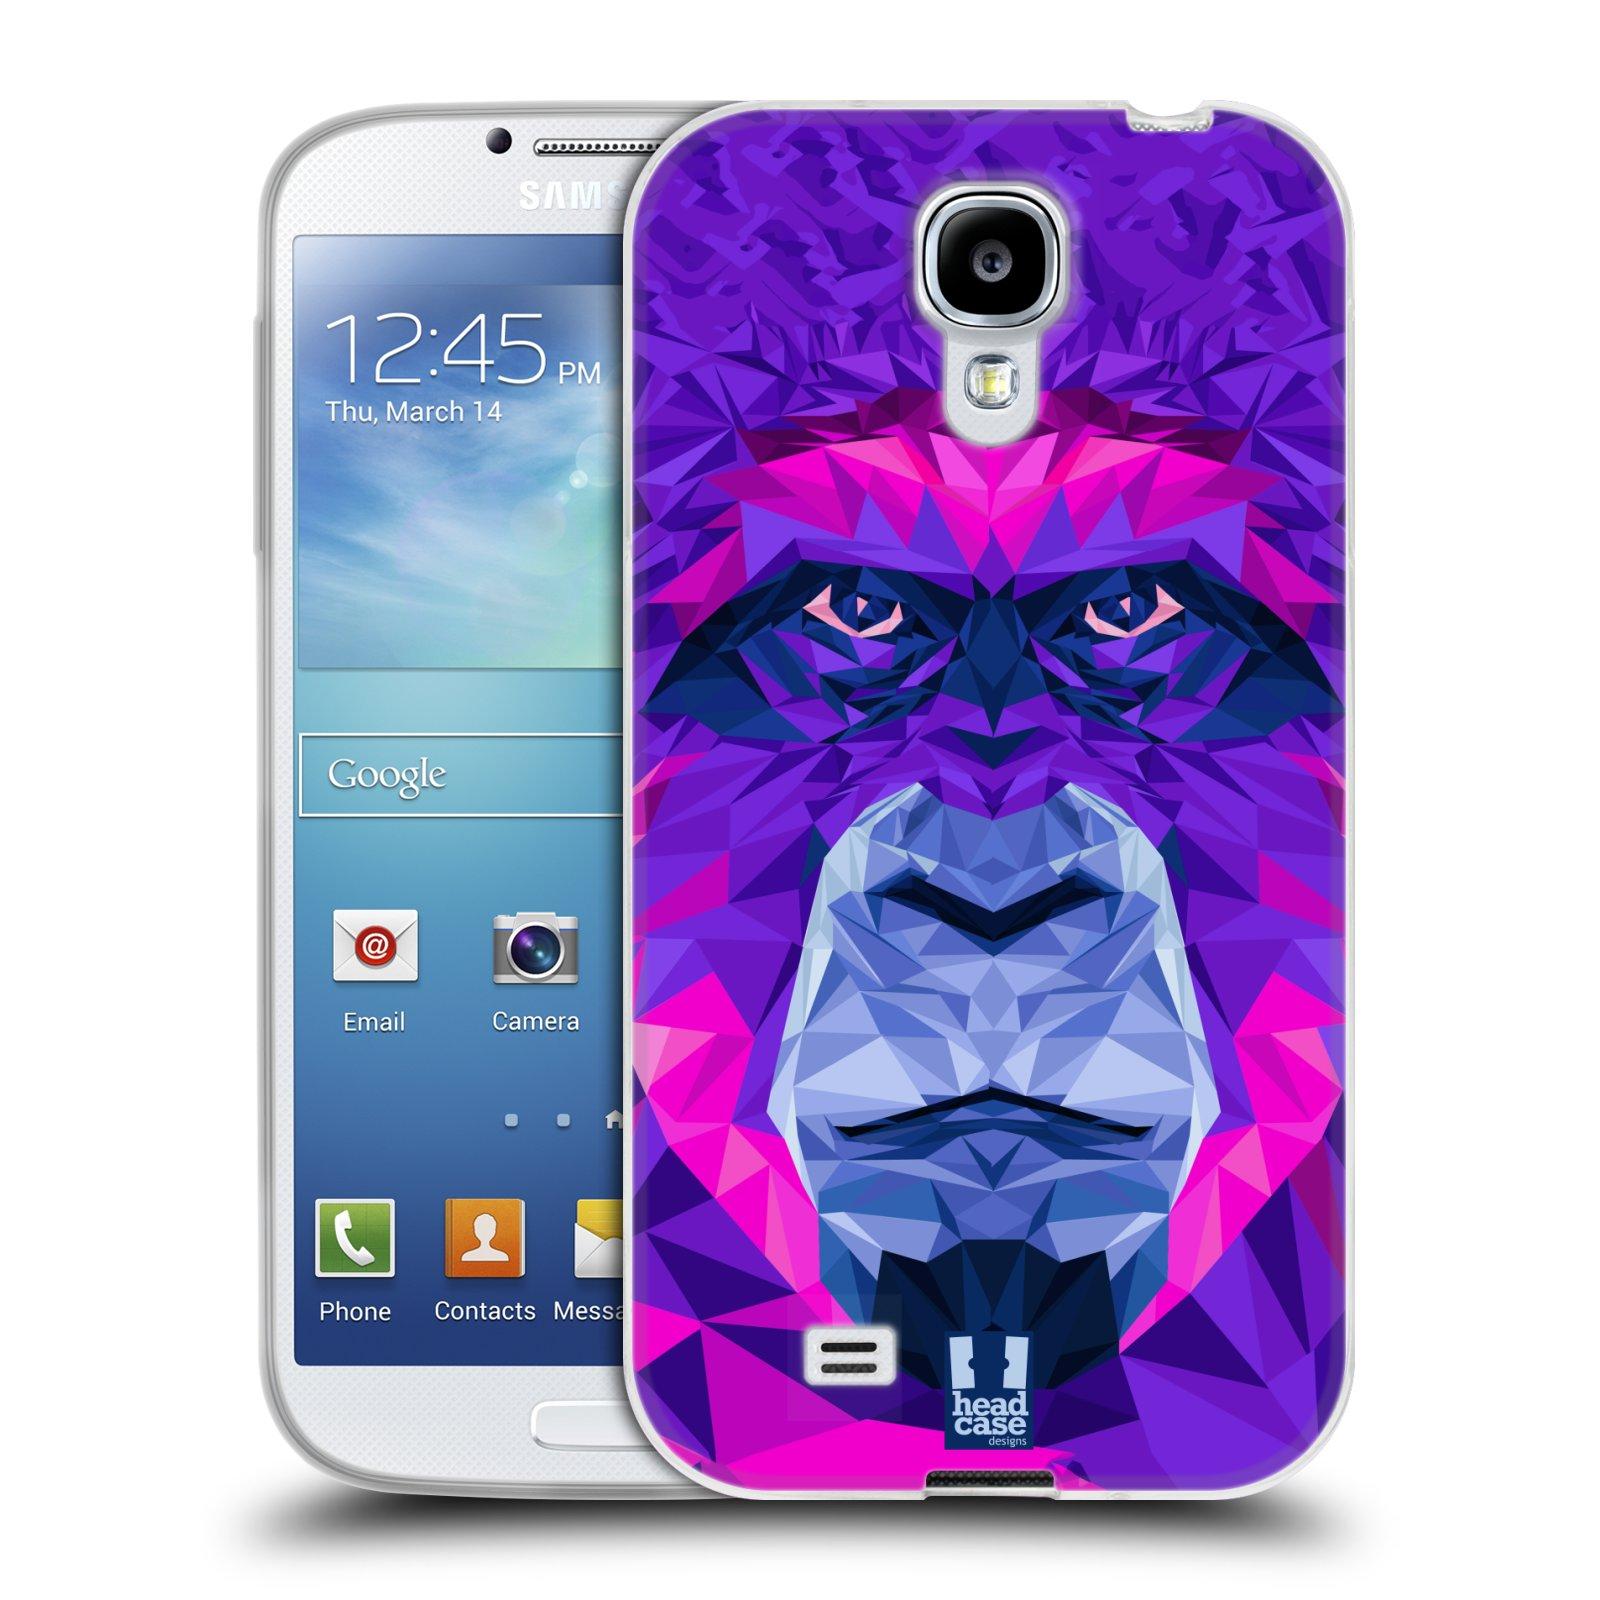 HEAD CASE silikonový obal na mobil Samsung Galaxy S4 i9500 vzor Geometrická zvířata 2 Orangutan